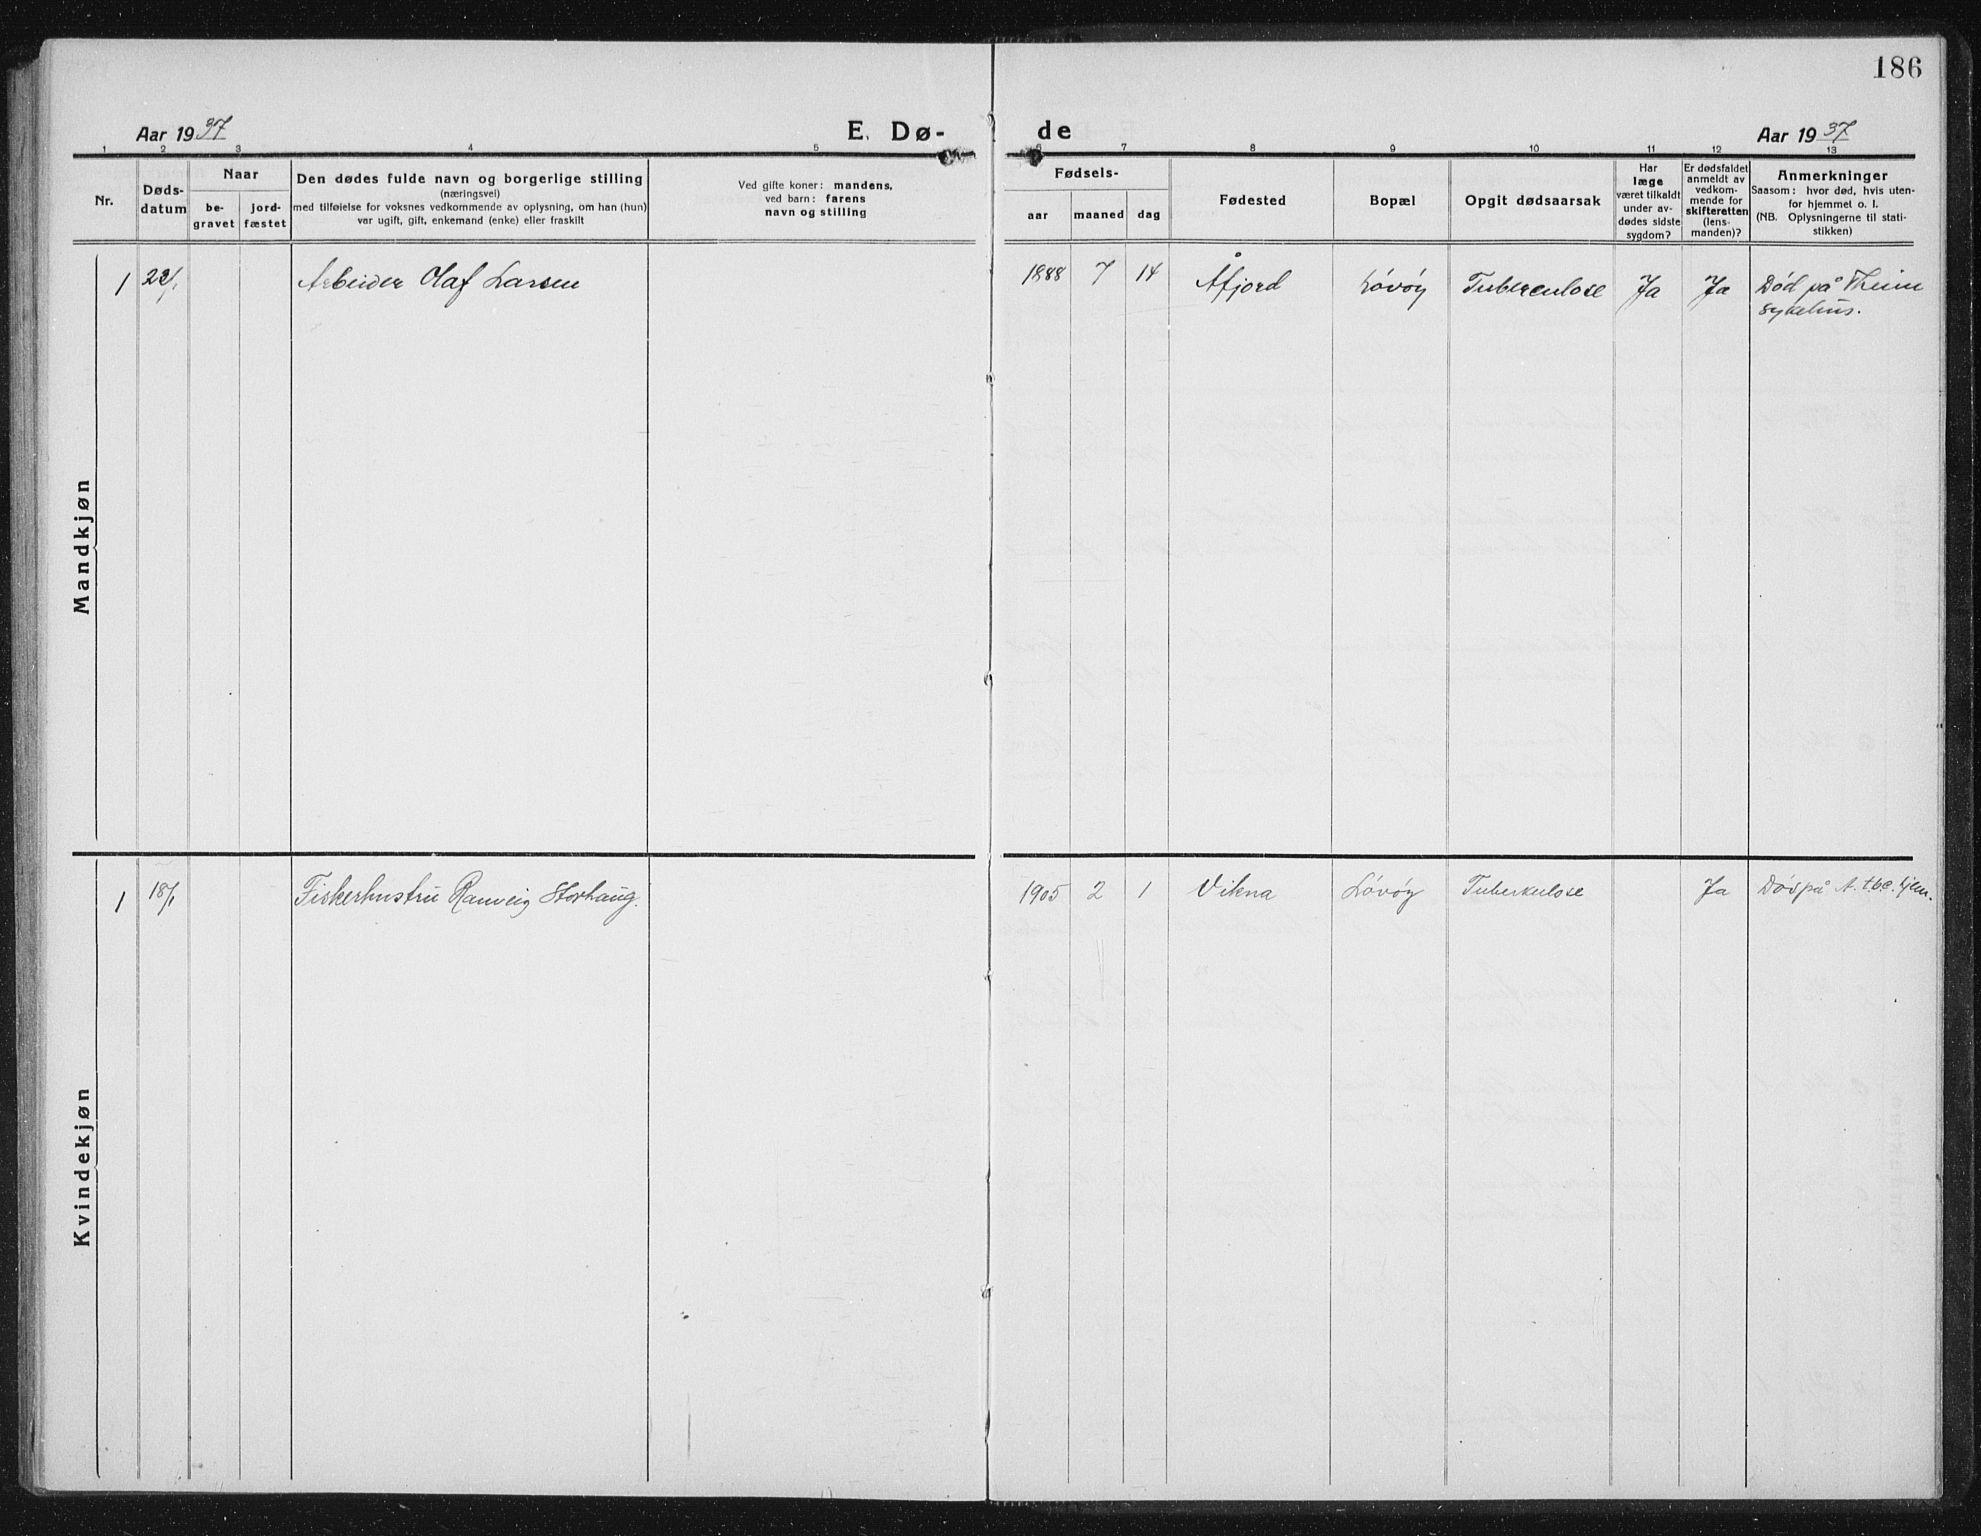 SAT, Ministerialprotokoller, klokkerbøker og fødselsregistre - Sør-Trøndelag, 655/L0689: Klokkerbok nr. 655C05, 1922-1936, s. 186